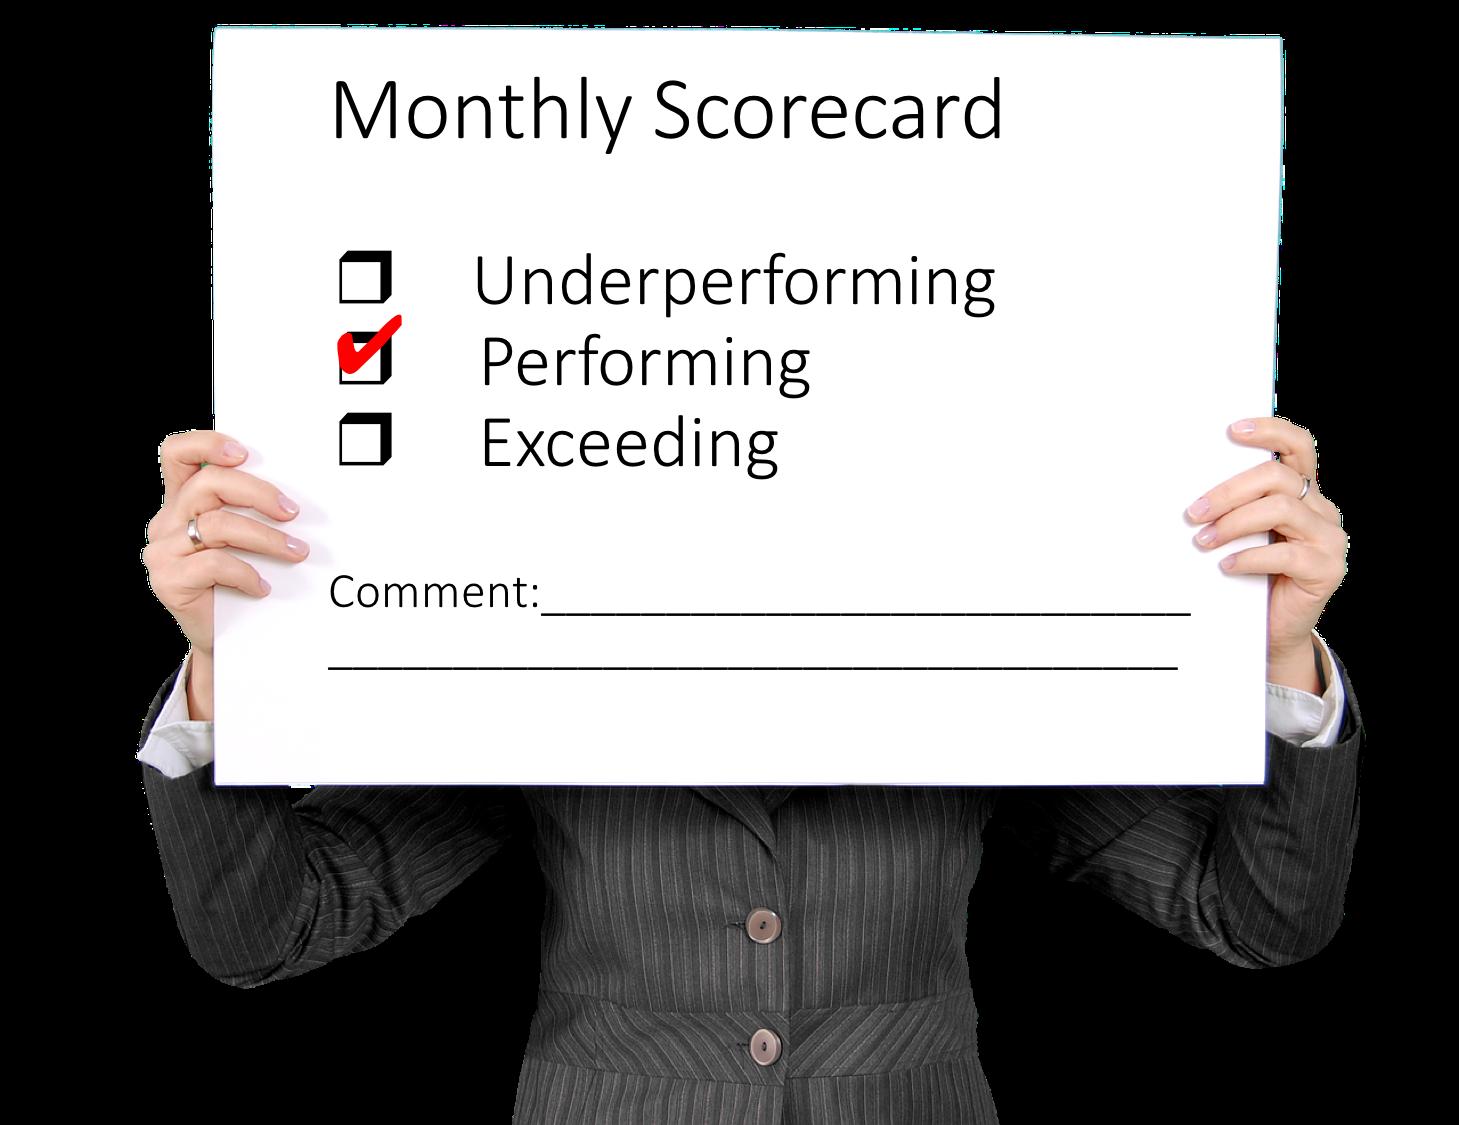 Monthly Scorecard